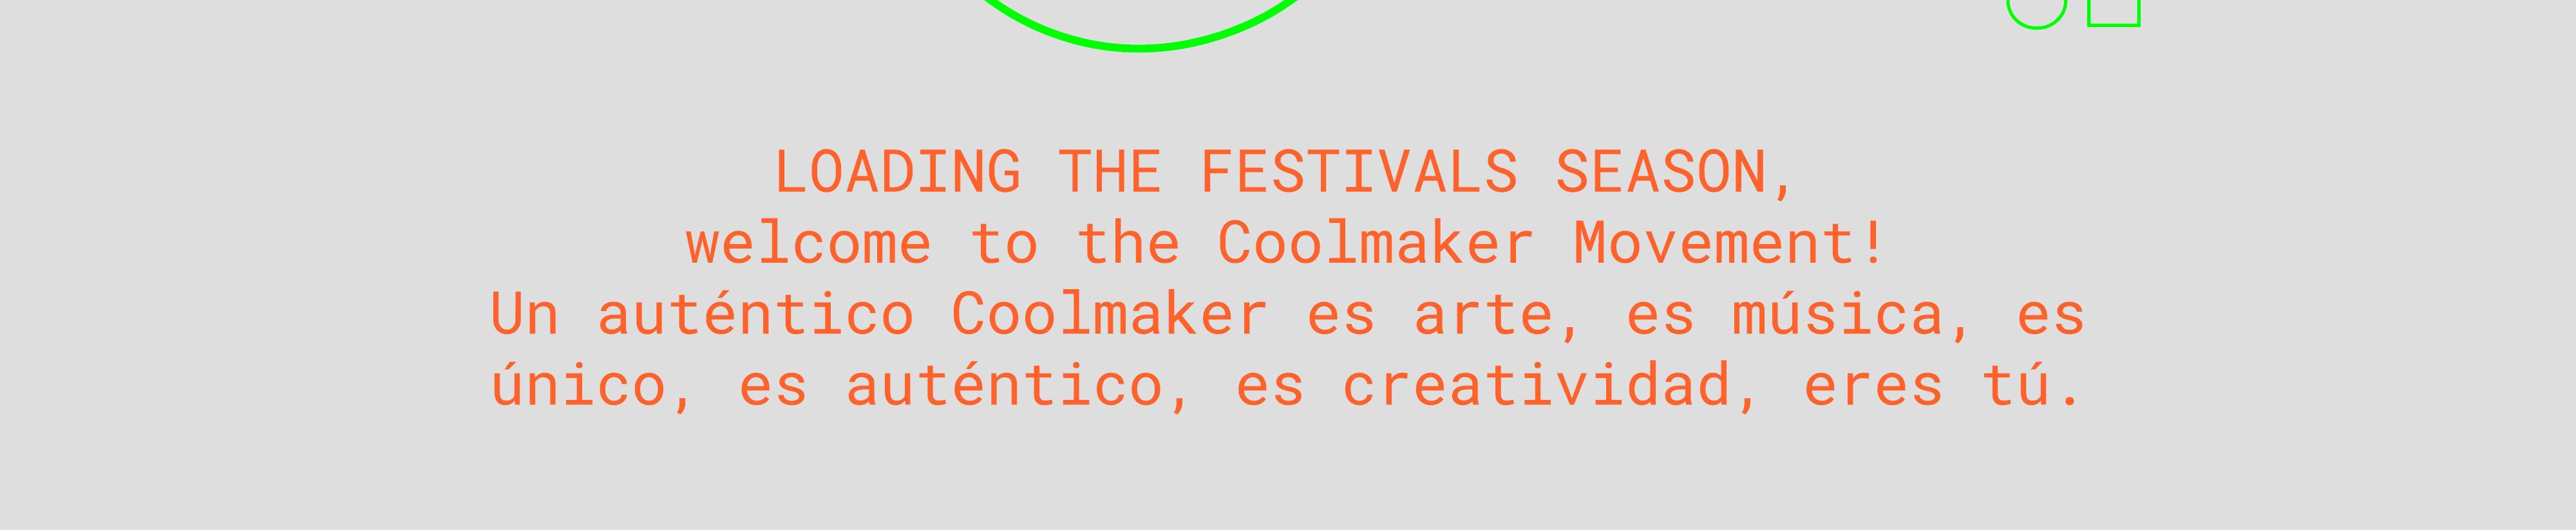 coolmaker